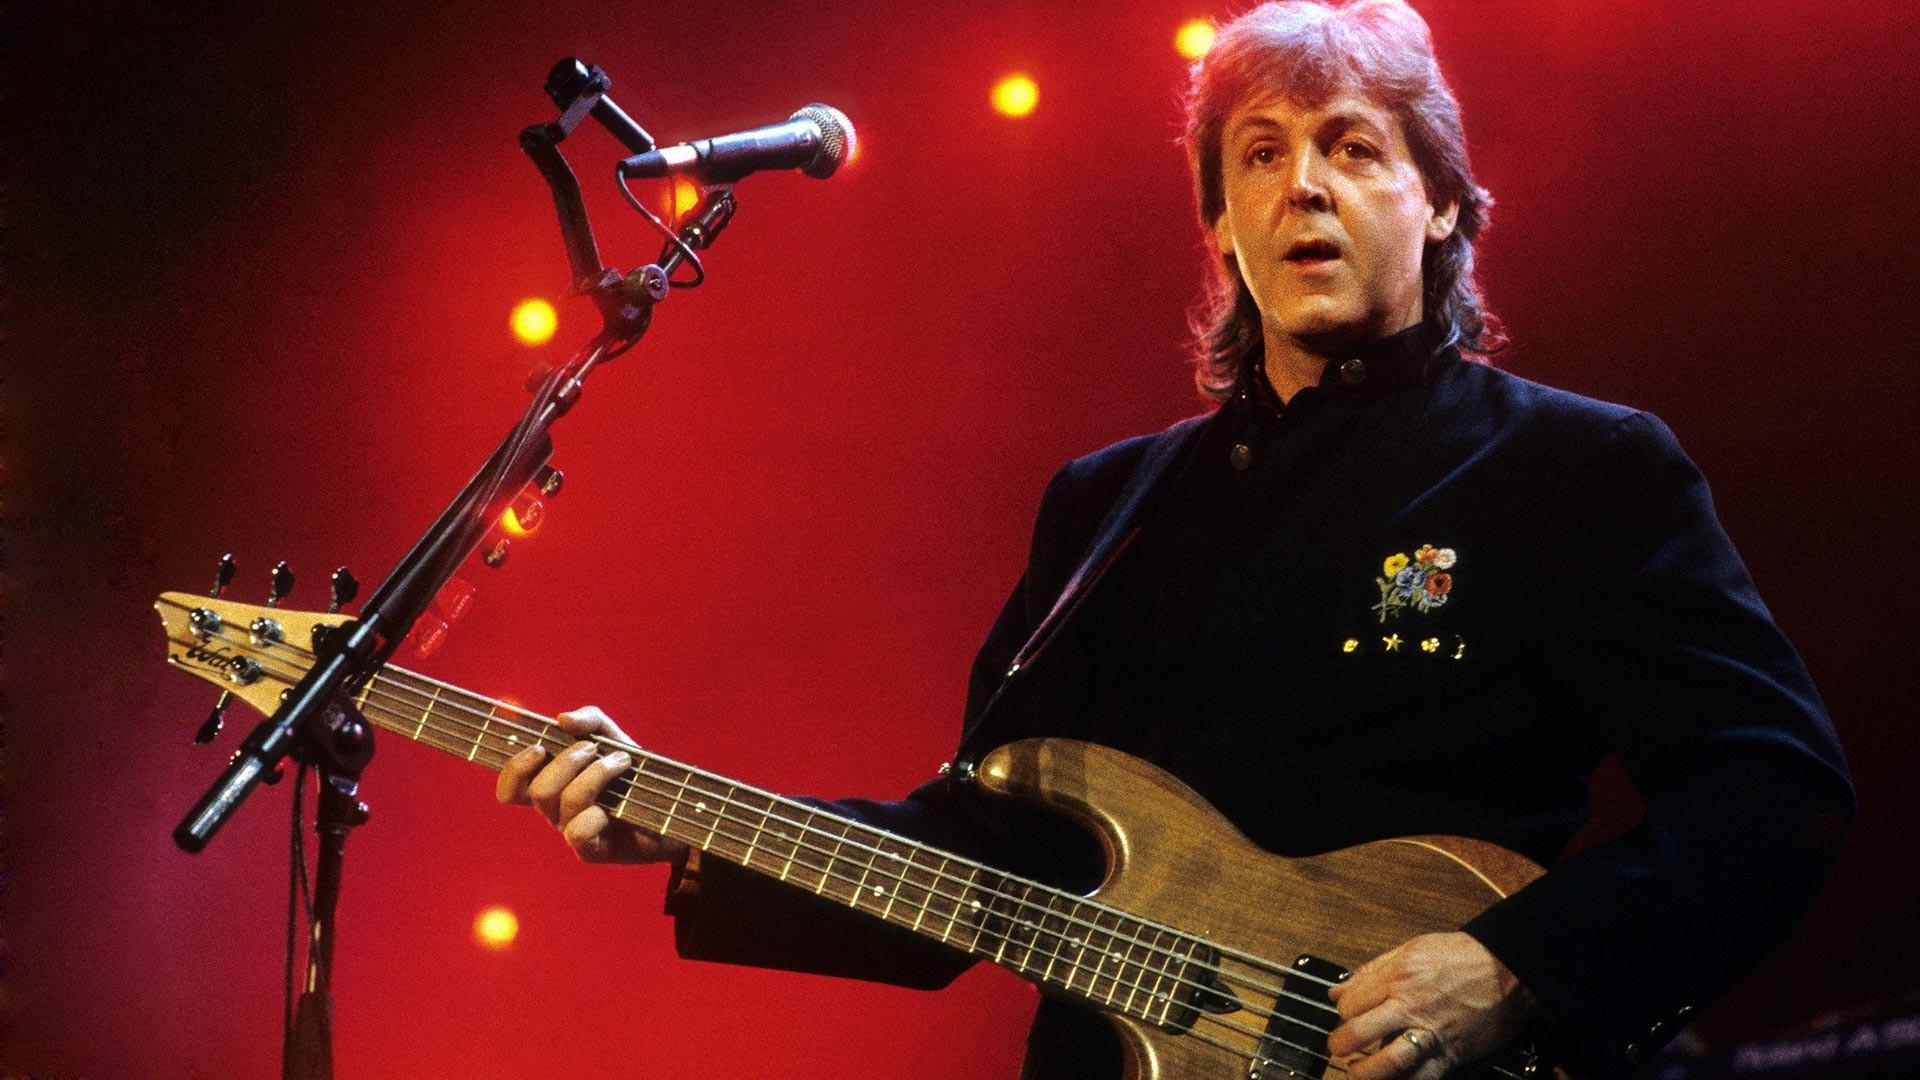 Пол Маккартни свири на сцената на 5-струнна бас китара на световното си турне в Ахой на 11 ноември 1989 г.